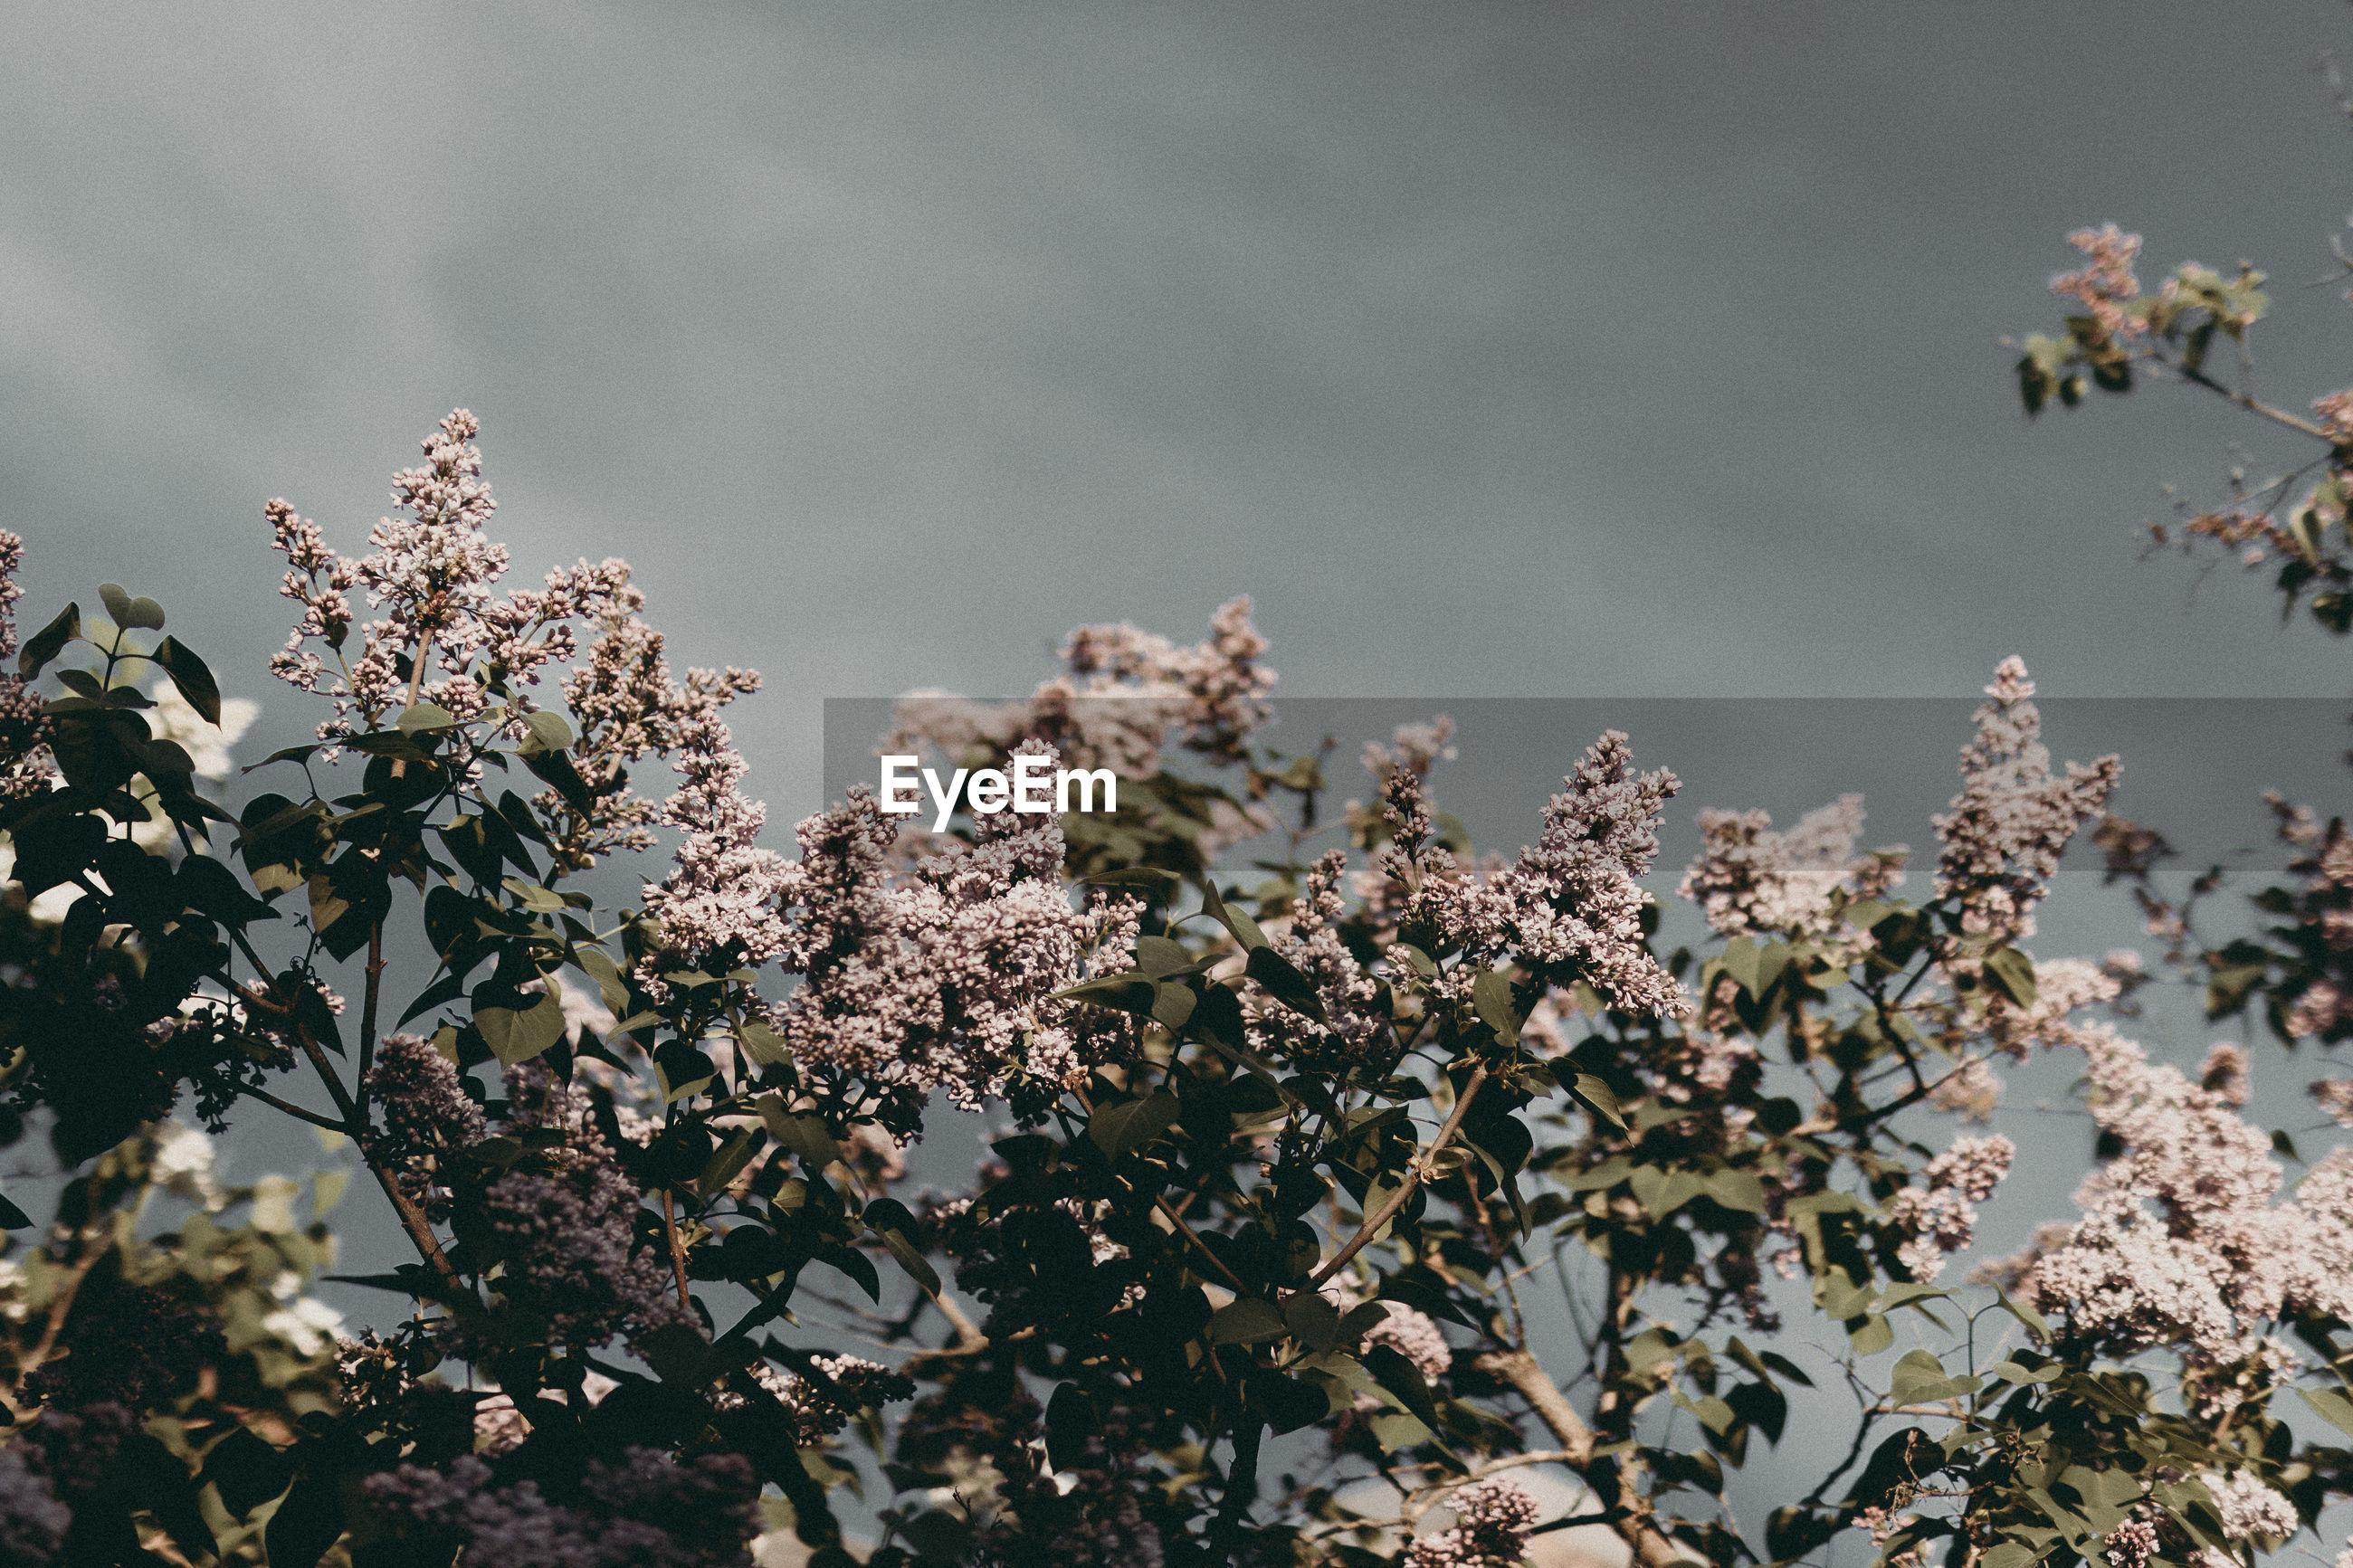 CLOSE-UP OF CHERRY BLOSSOM PLANT